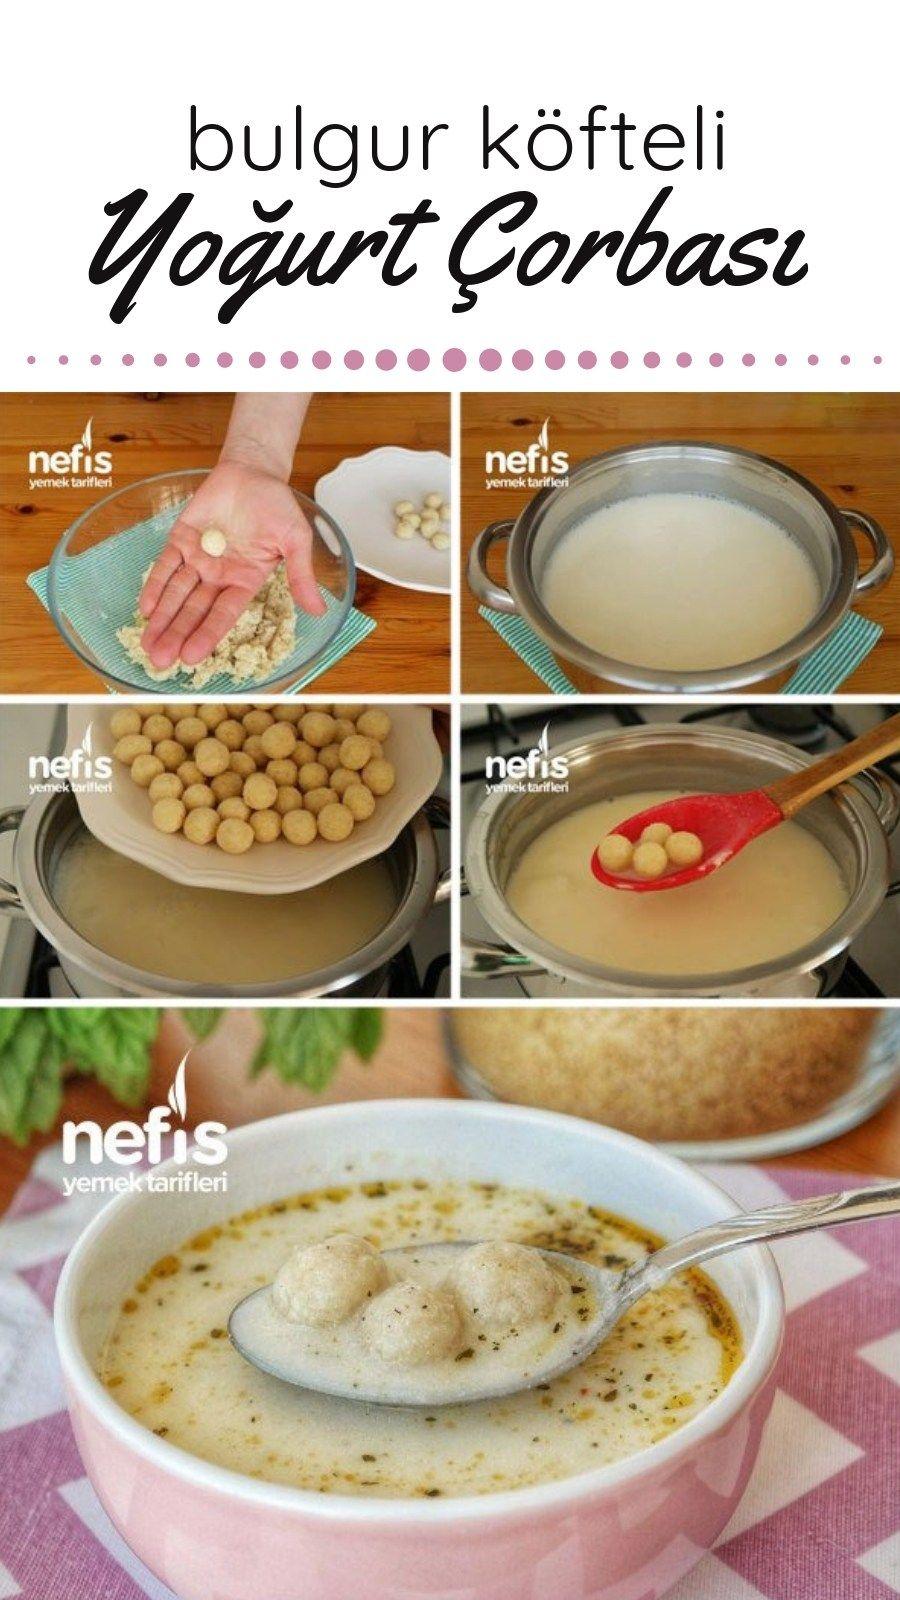 Bulgur Kofteli Yogurt Corbasi Videolu Nefis Yemek Tarifleri Yemek Tarifleri Yemek Gida